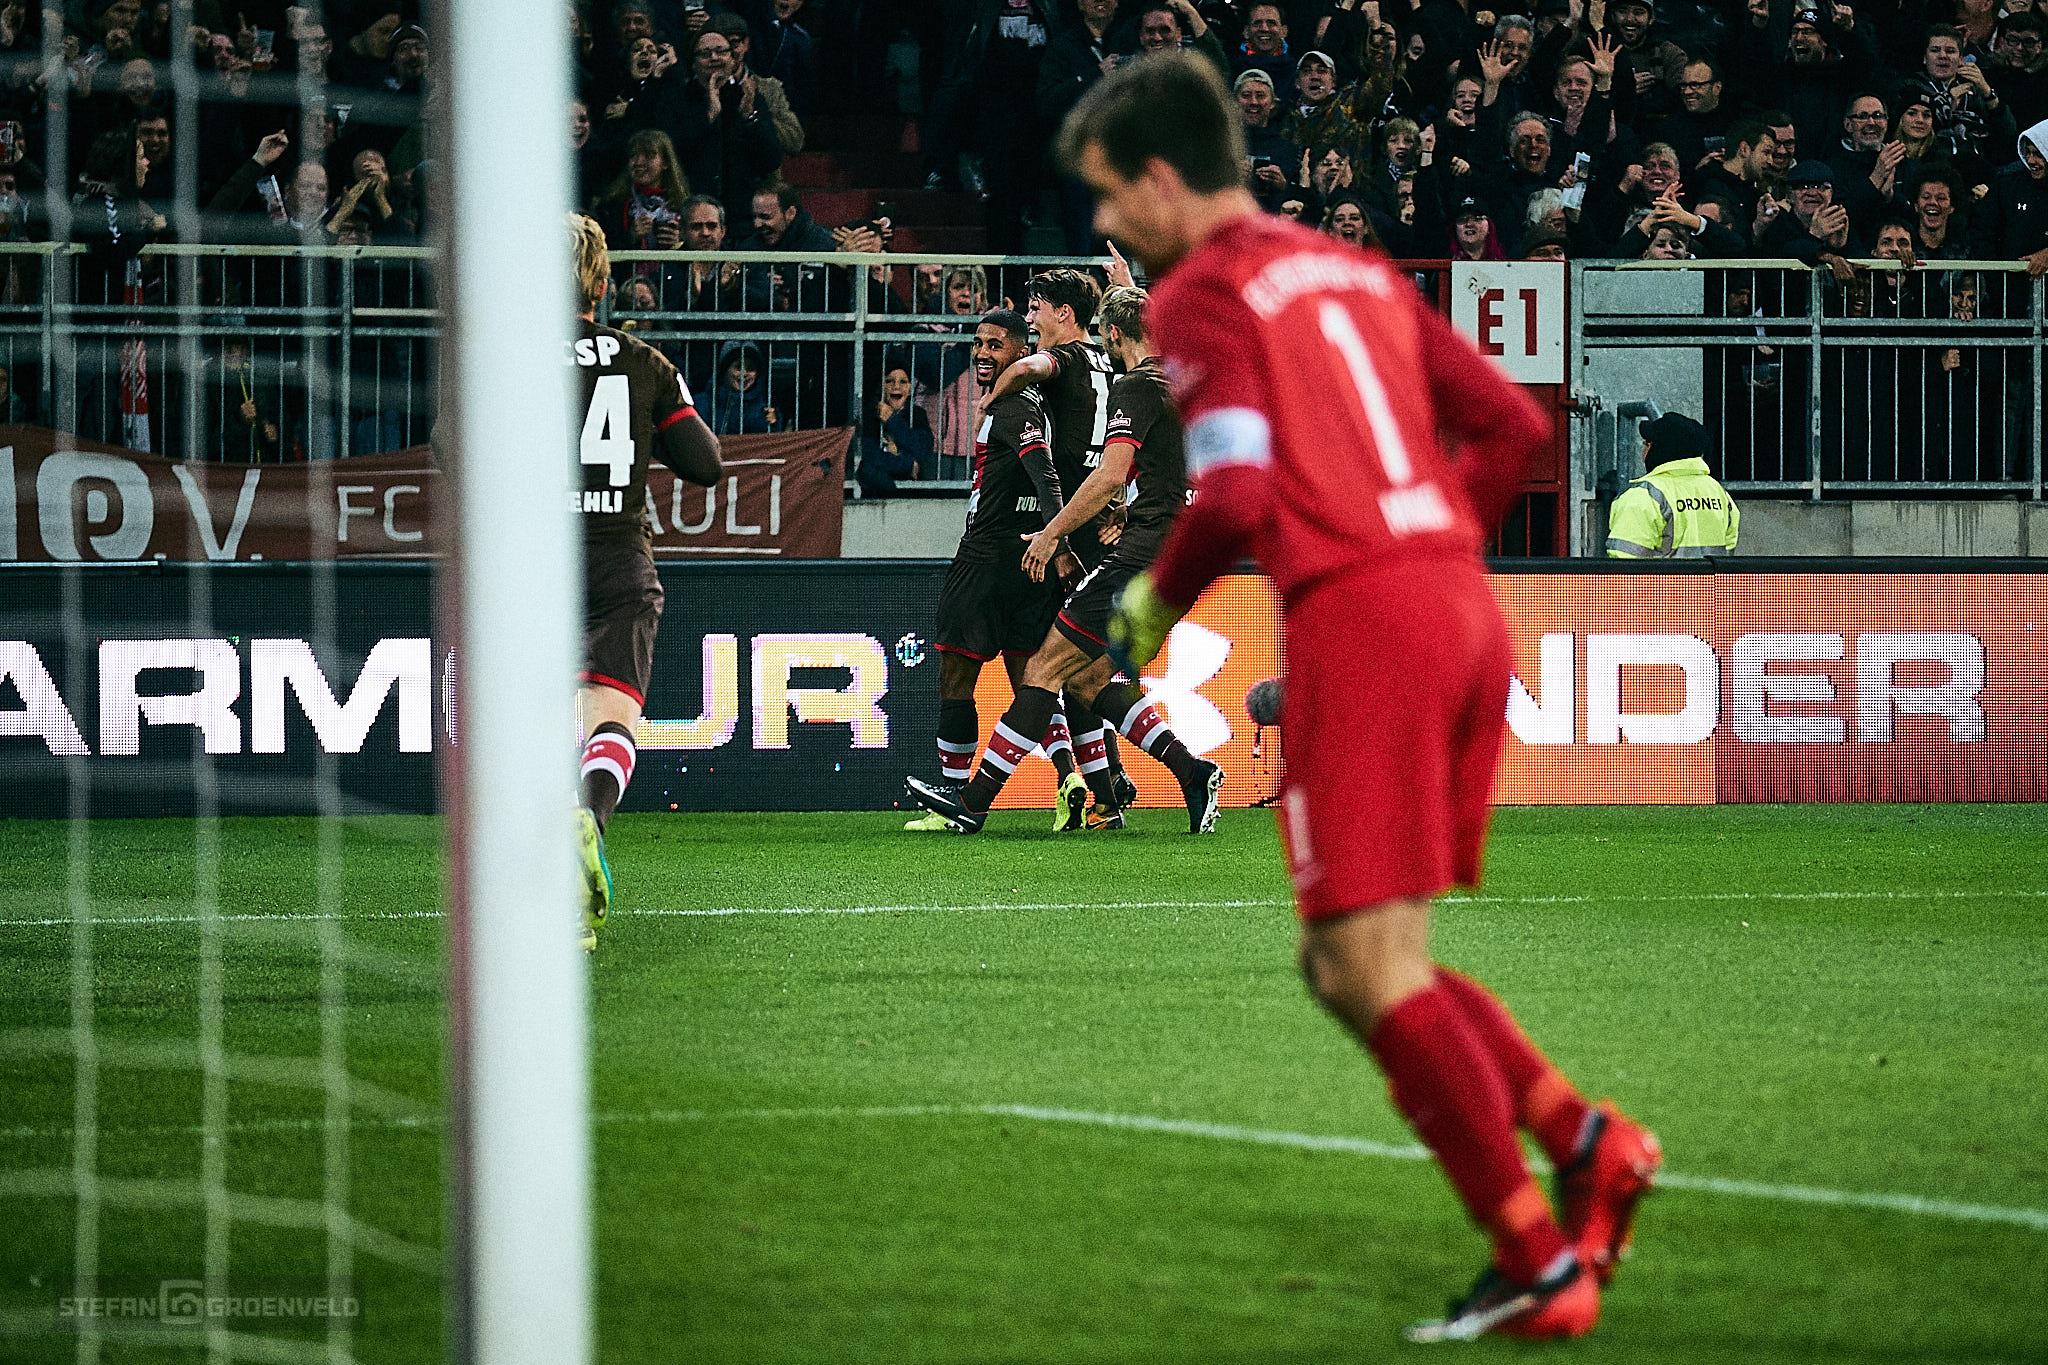 Vor dem Spiel – FC Erzgebirge Aue (A) – Spieltag 5 – Saison 2018/19